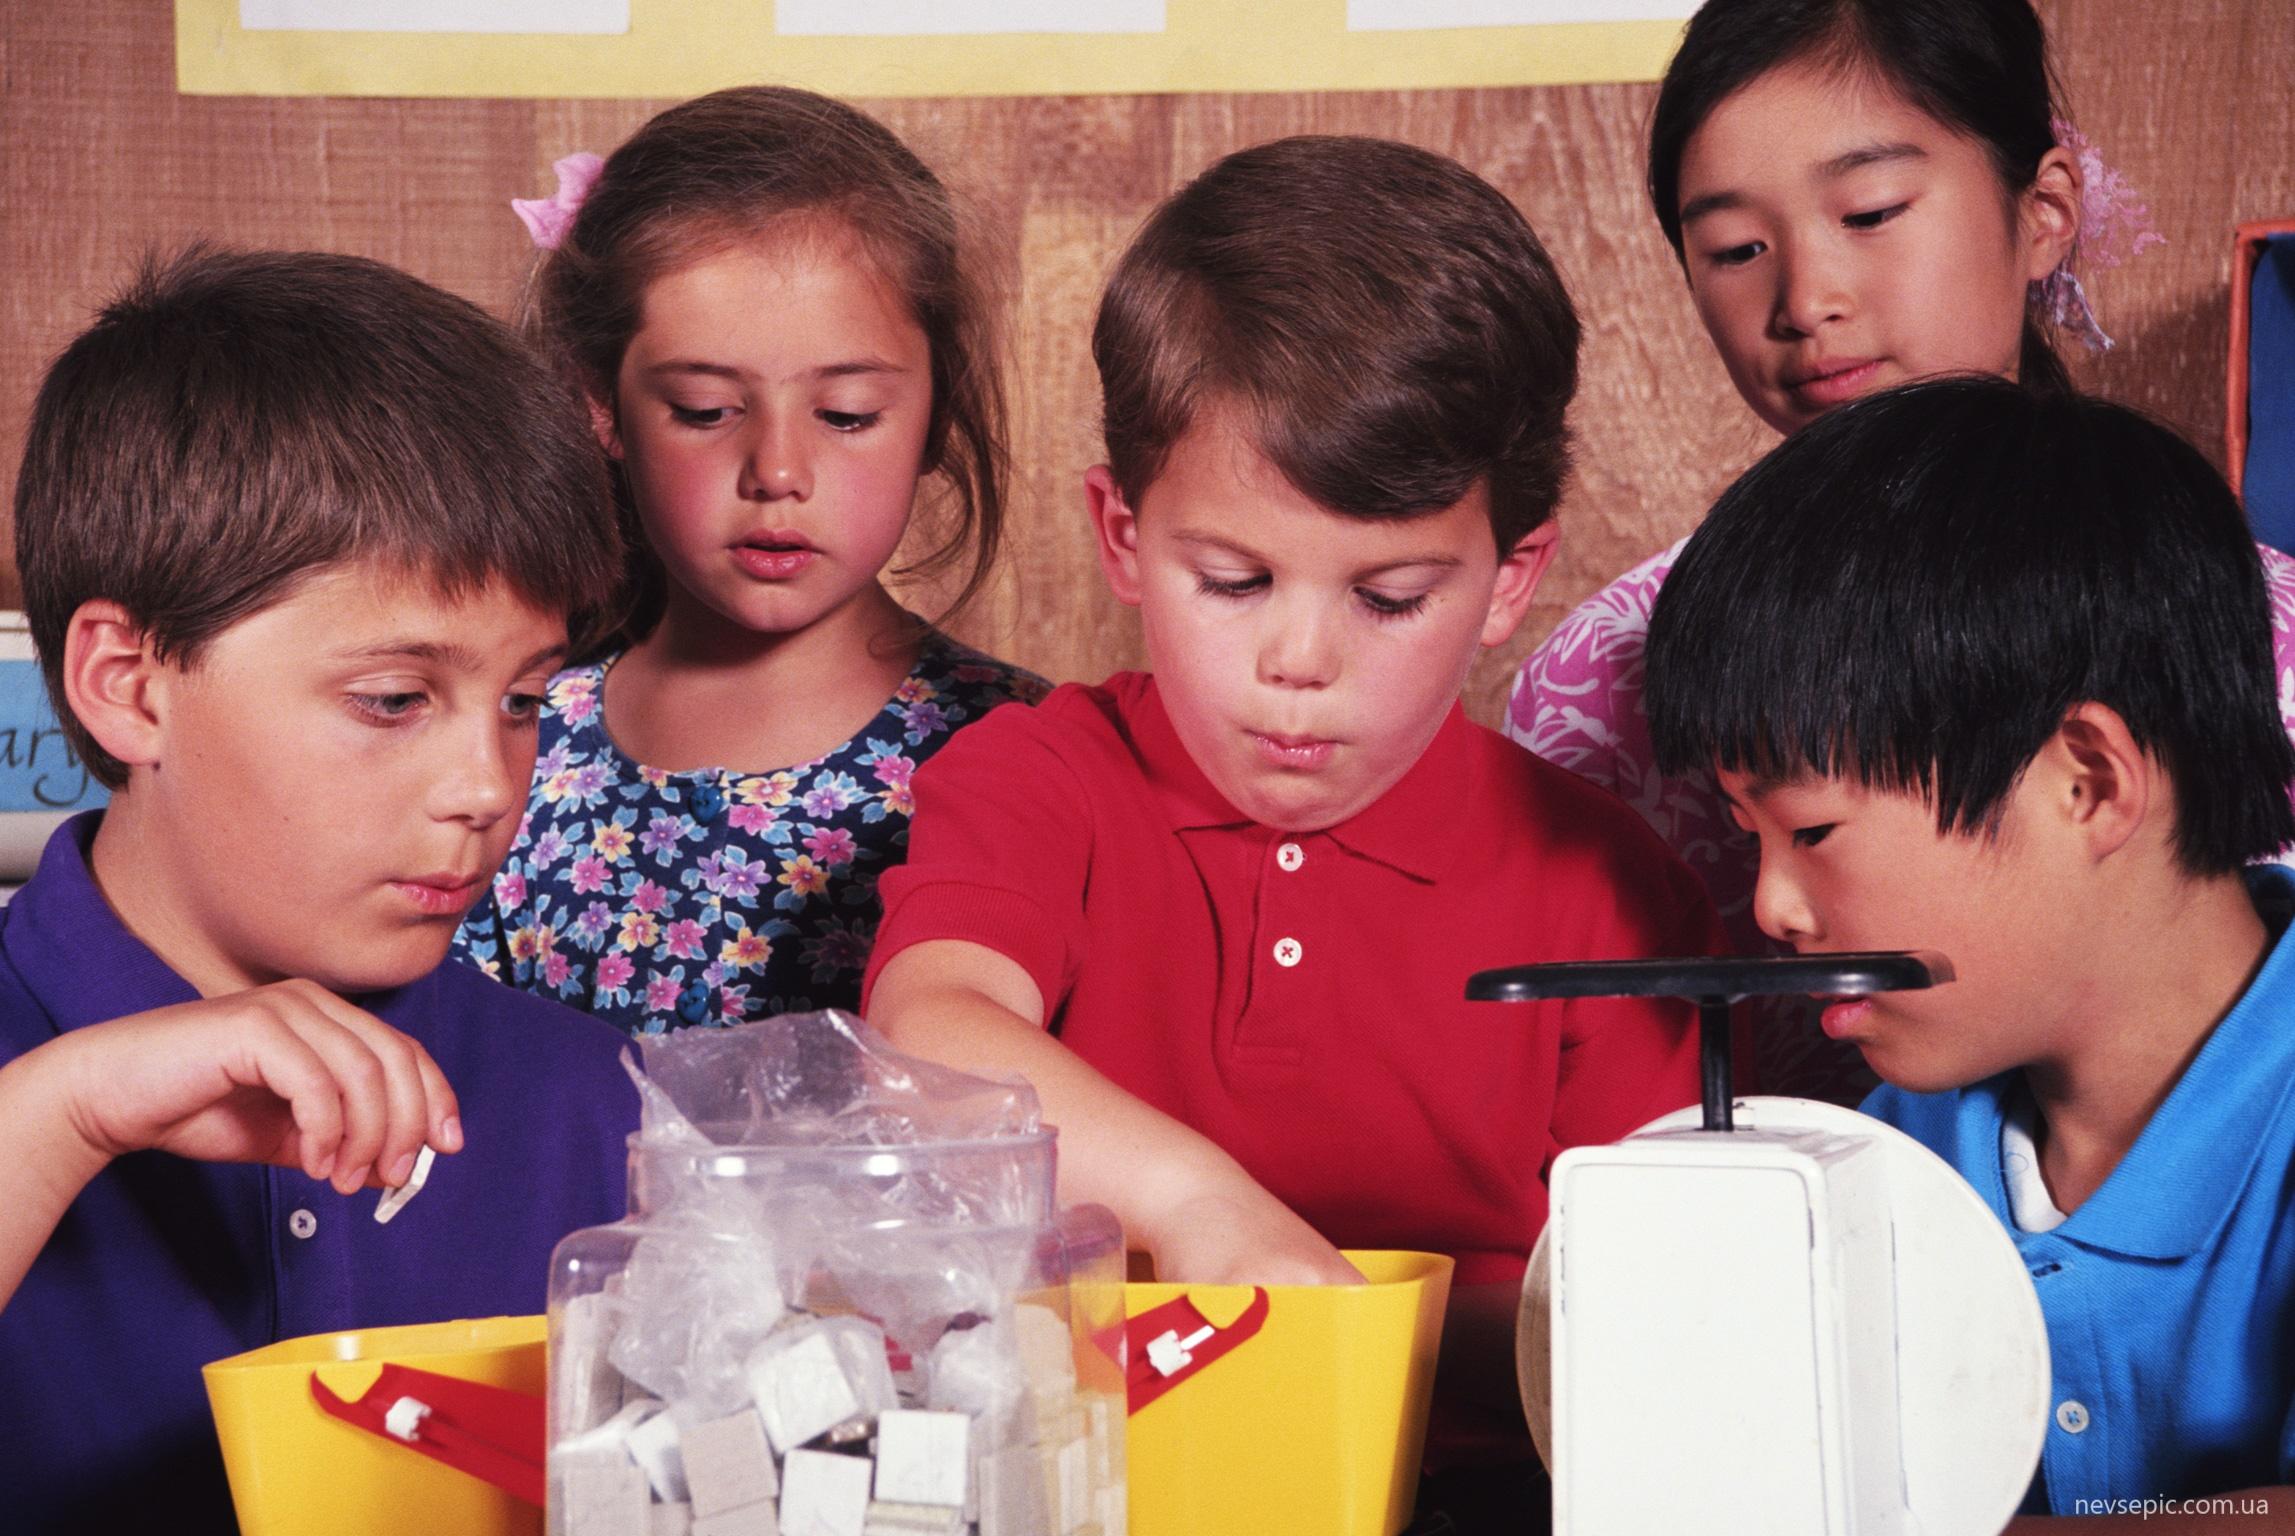 Студенты игра в бутылочку 5 фотография